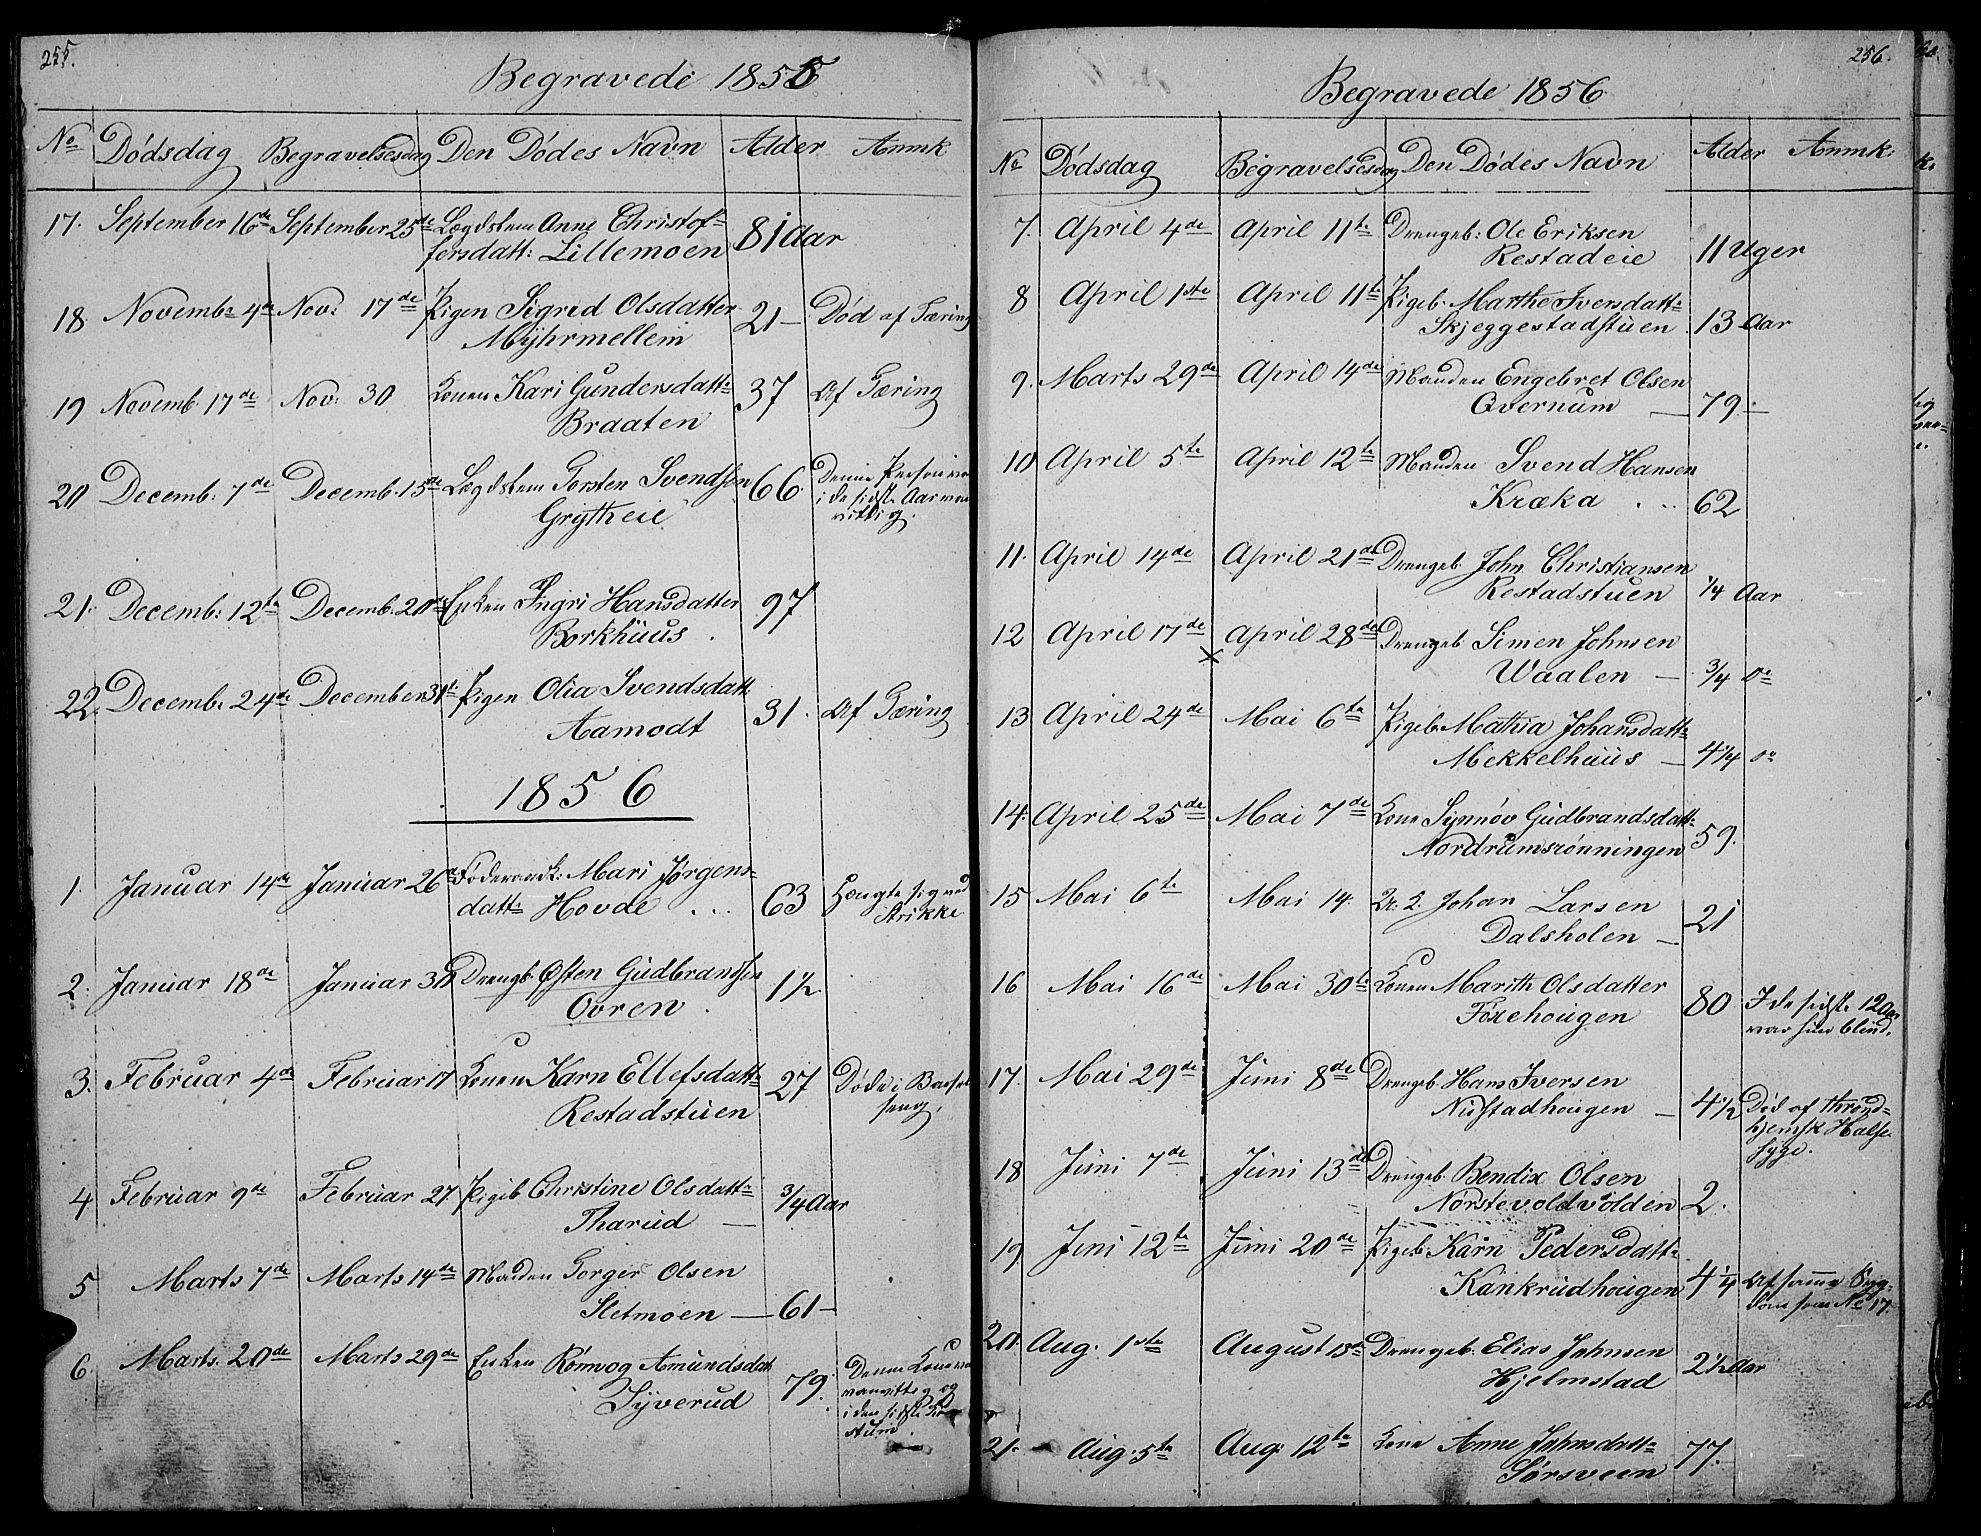 SAH, Gausdal prestekontor, Klokkerbok nr. 3, 1829-1864, s. 255-256